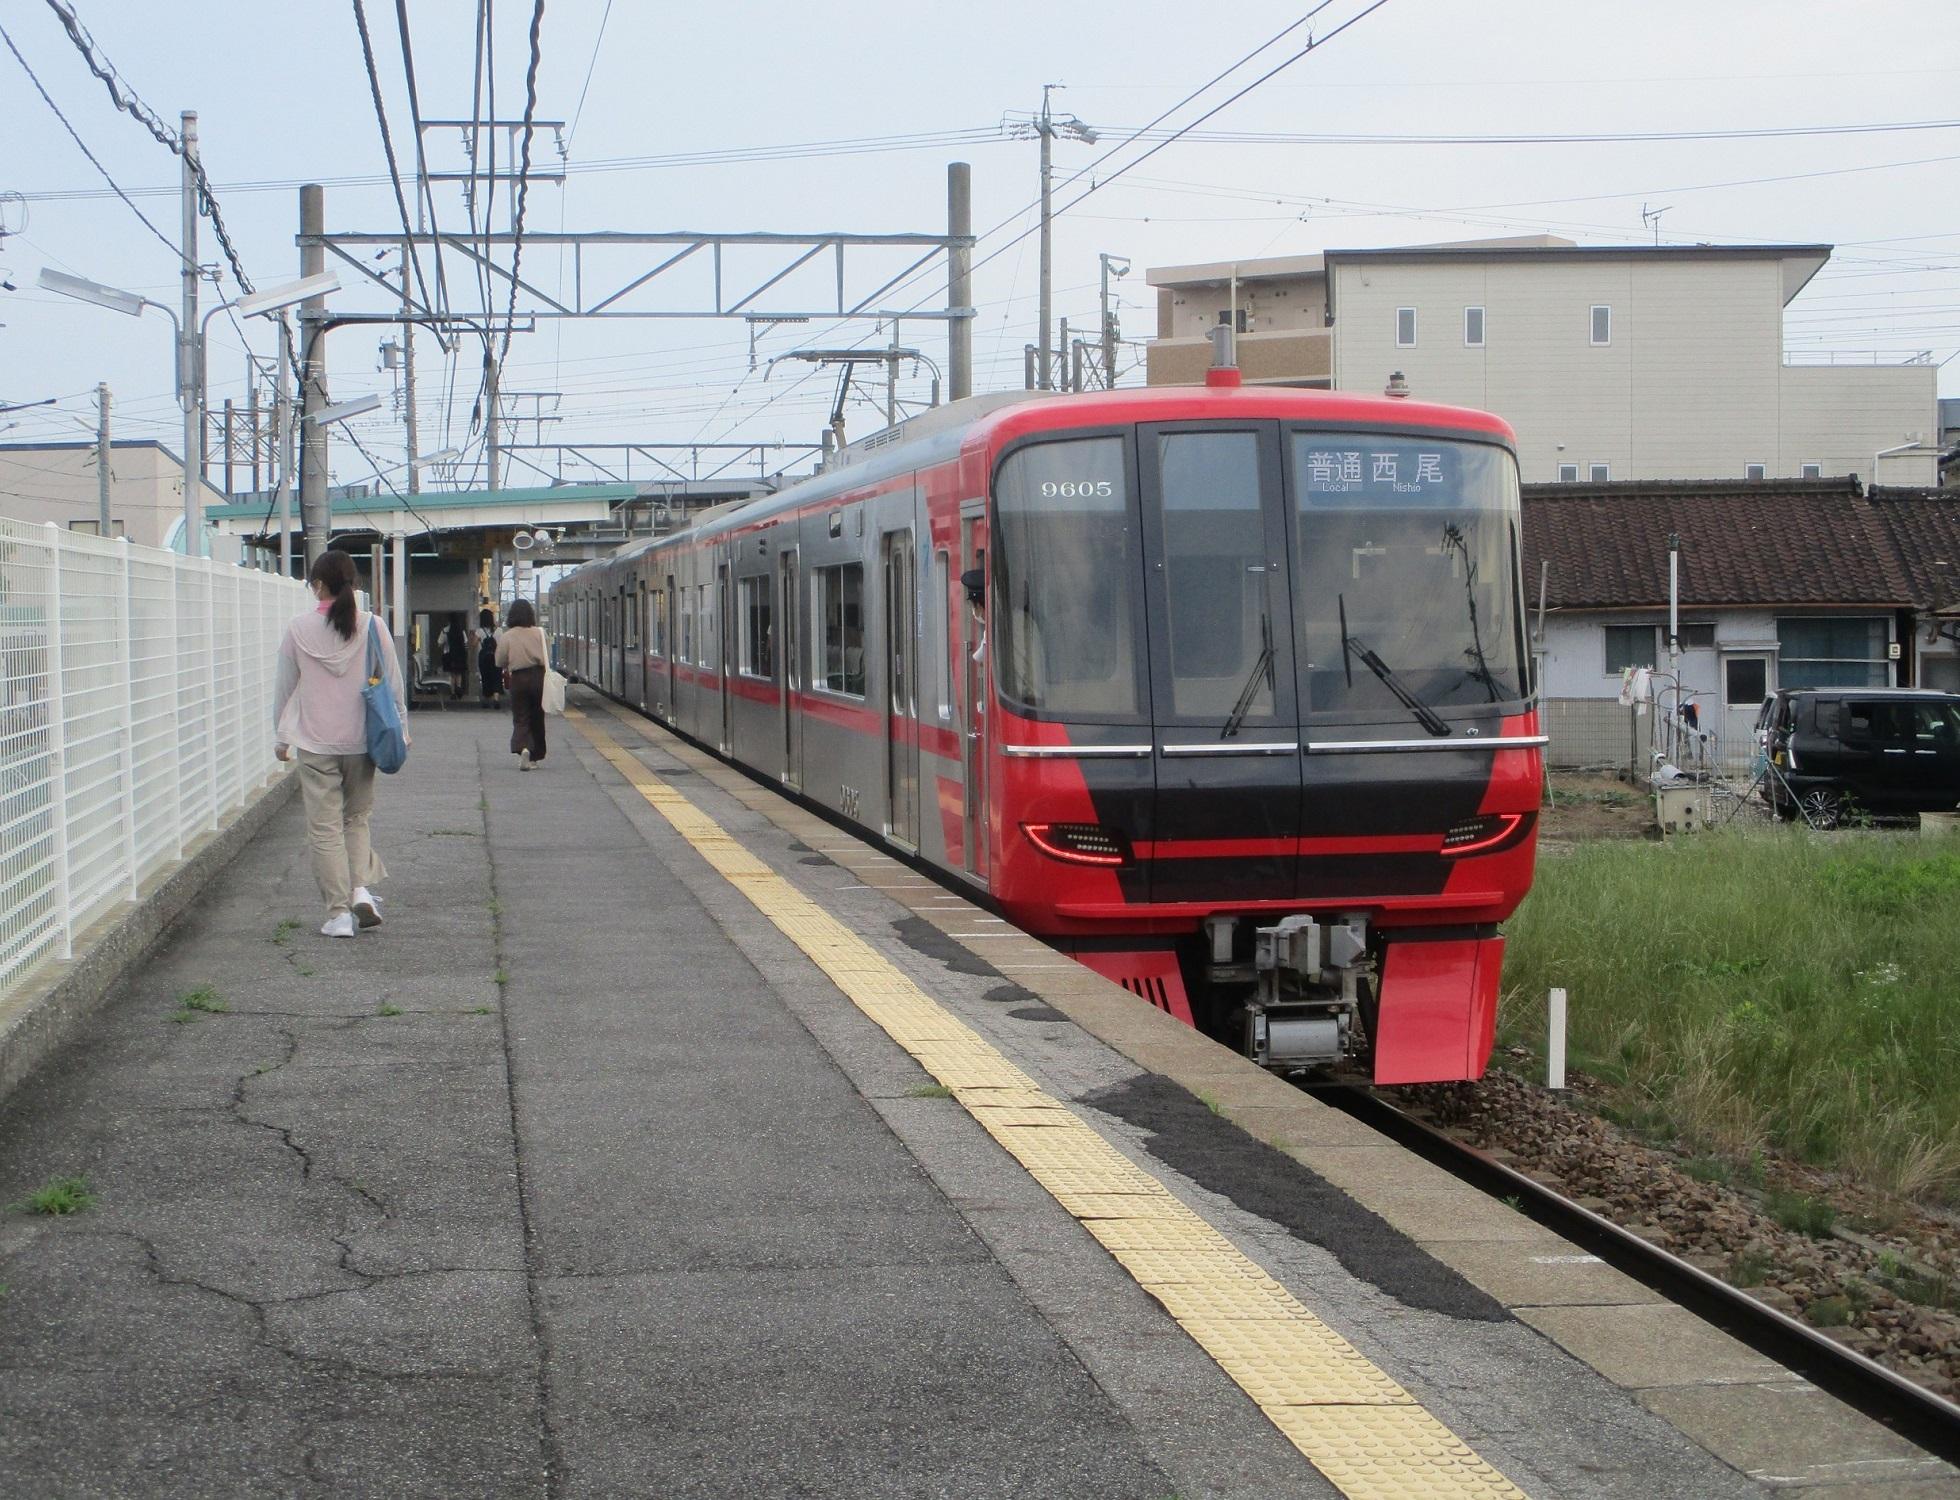 2020.6.15 (91) ふるい - 西尾いきふつう 1960-1500